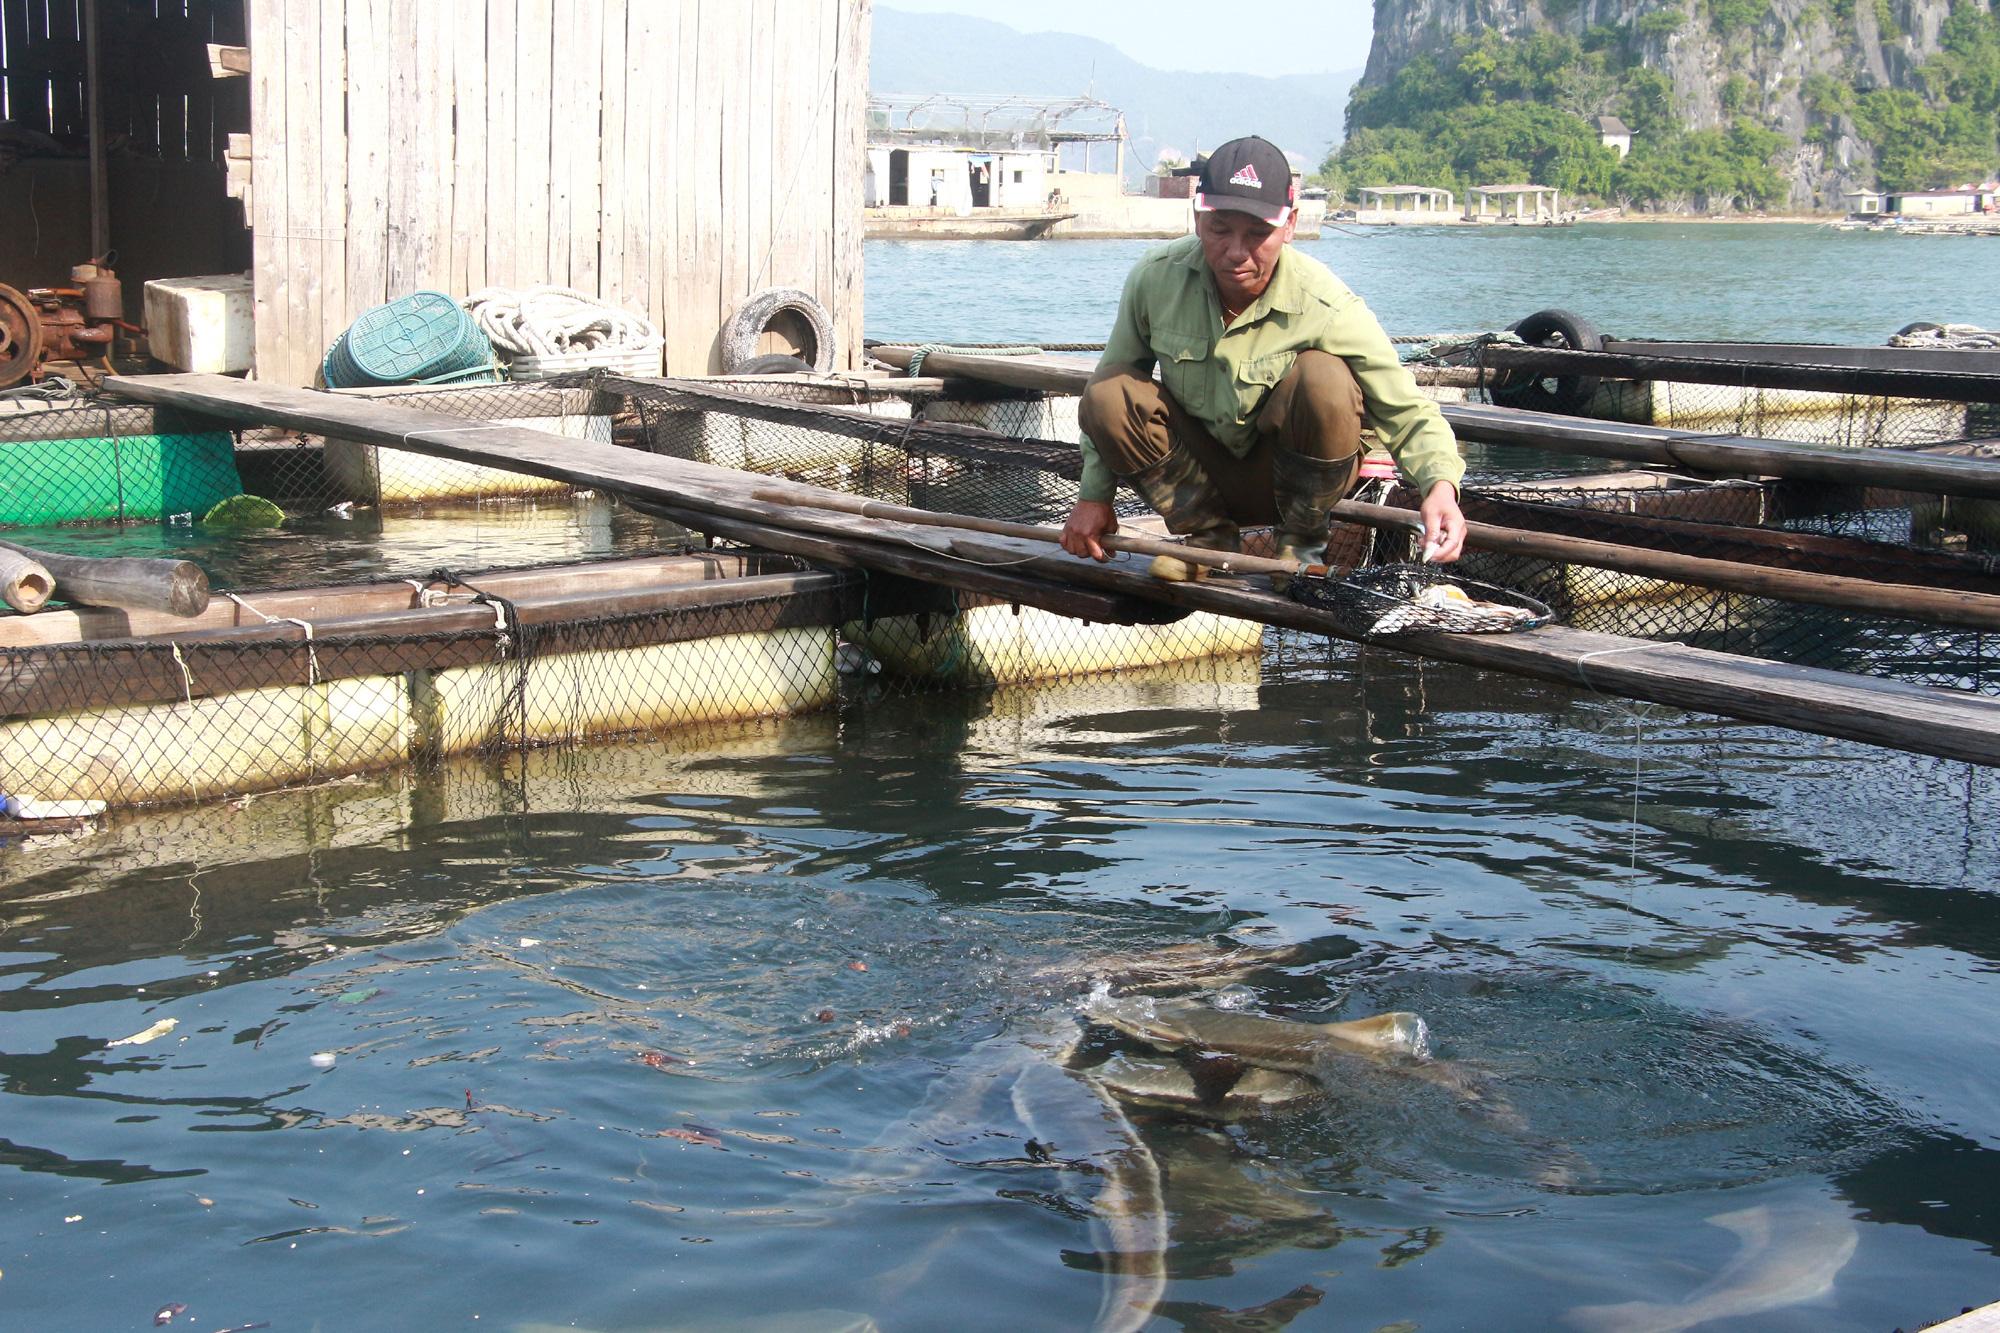 Sản vật biển tỉnh Quảng Ninh: Nuôi loài cá giò con to như bắp đùi người lớn, thịt ngọt, giá mềm là vì điều này - Ảnh 1.